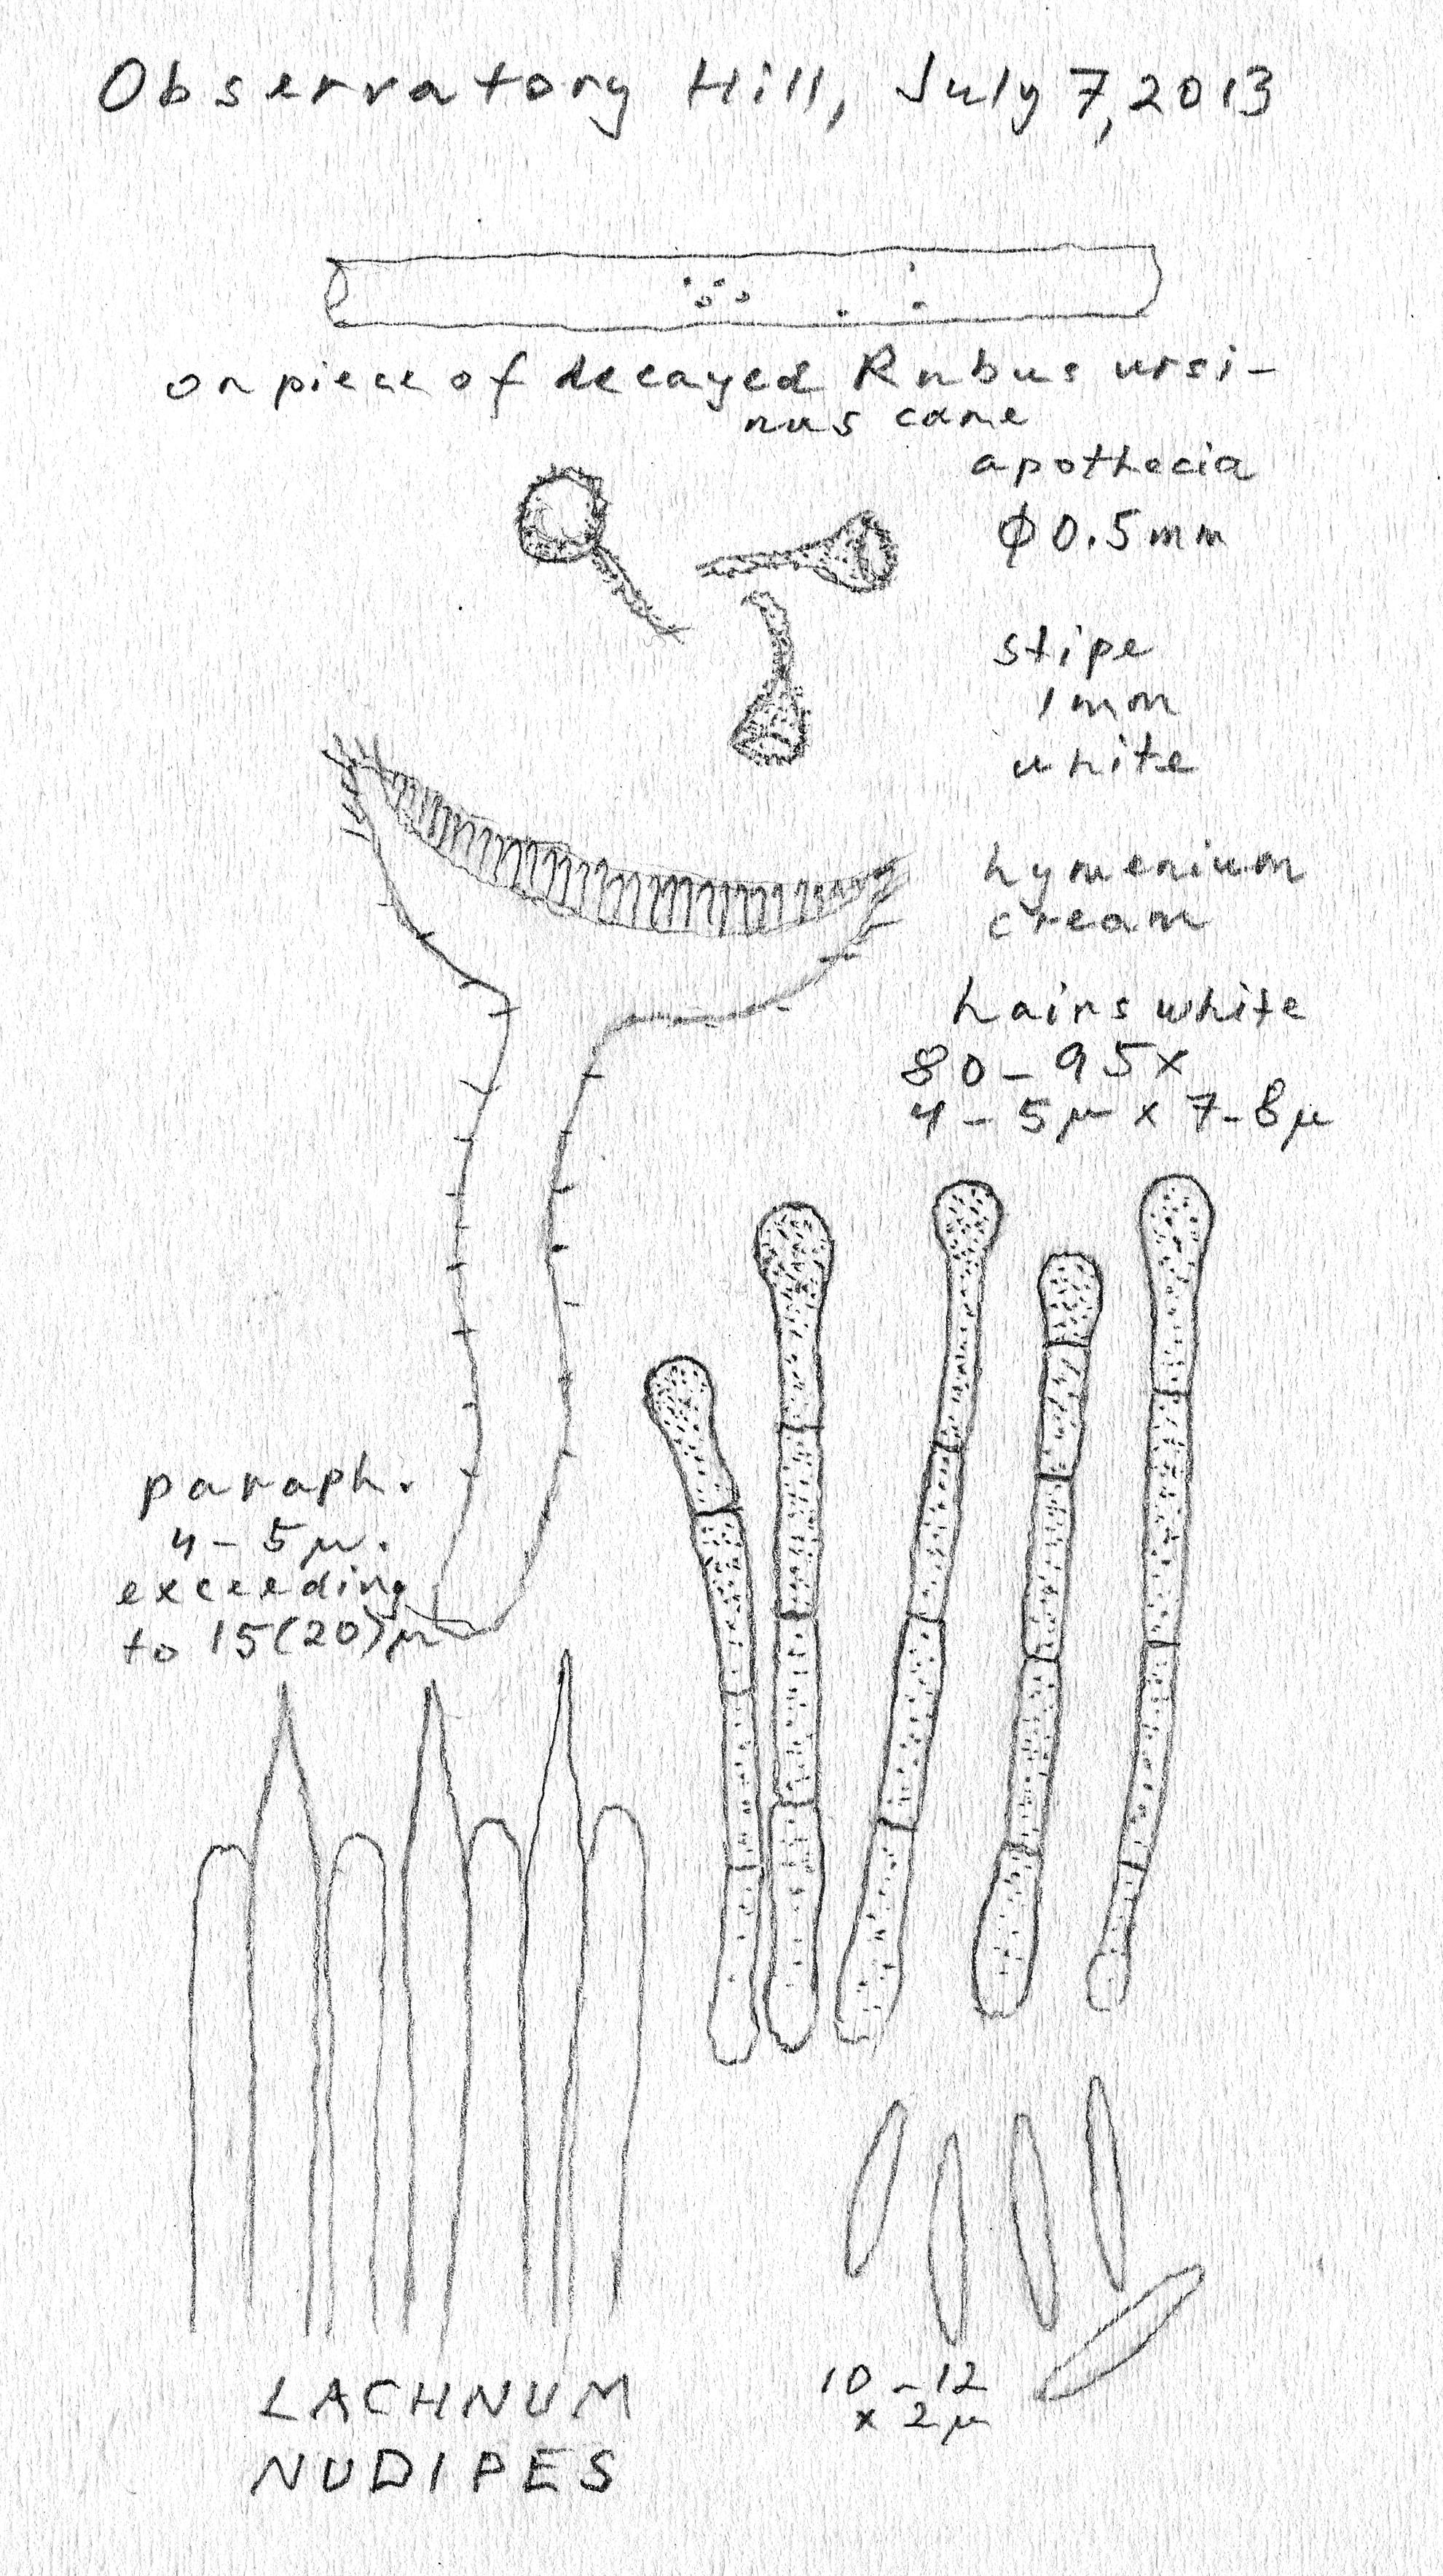 Lachnum nudipes image